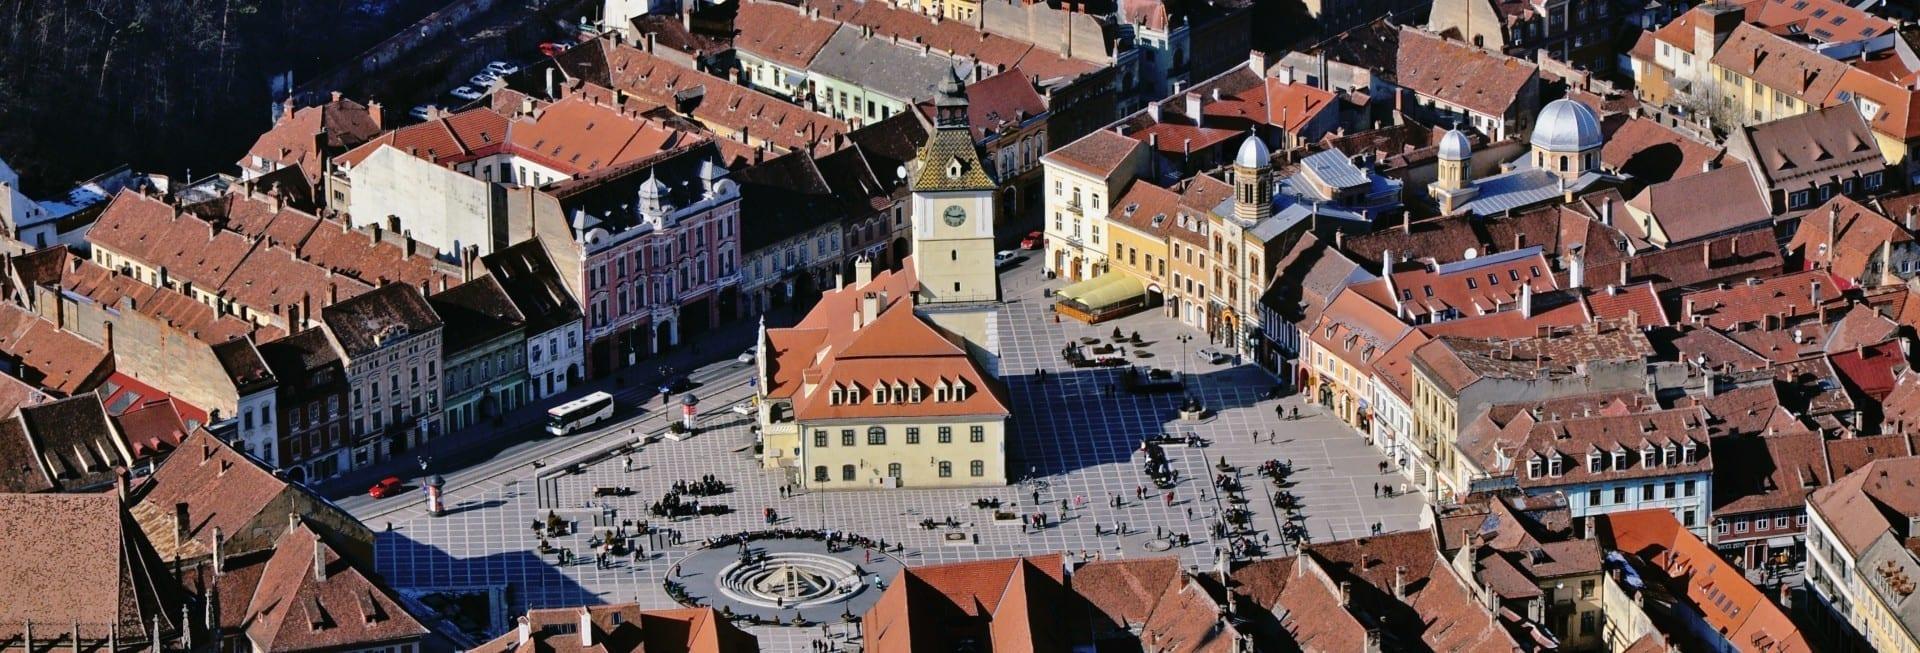 Plaza del Consejo (Piața Sfatului) Brasov Rumania